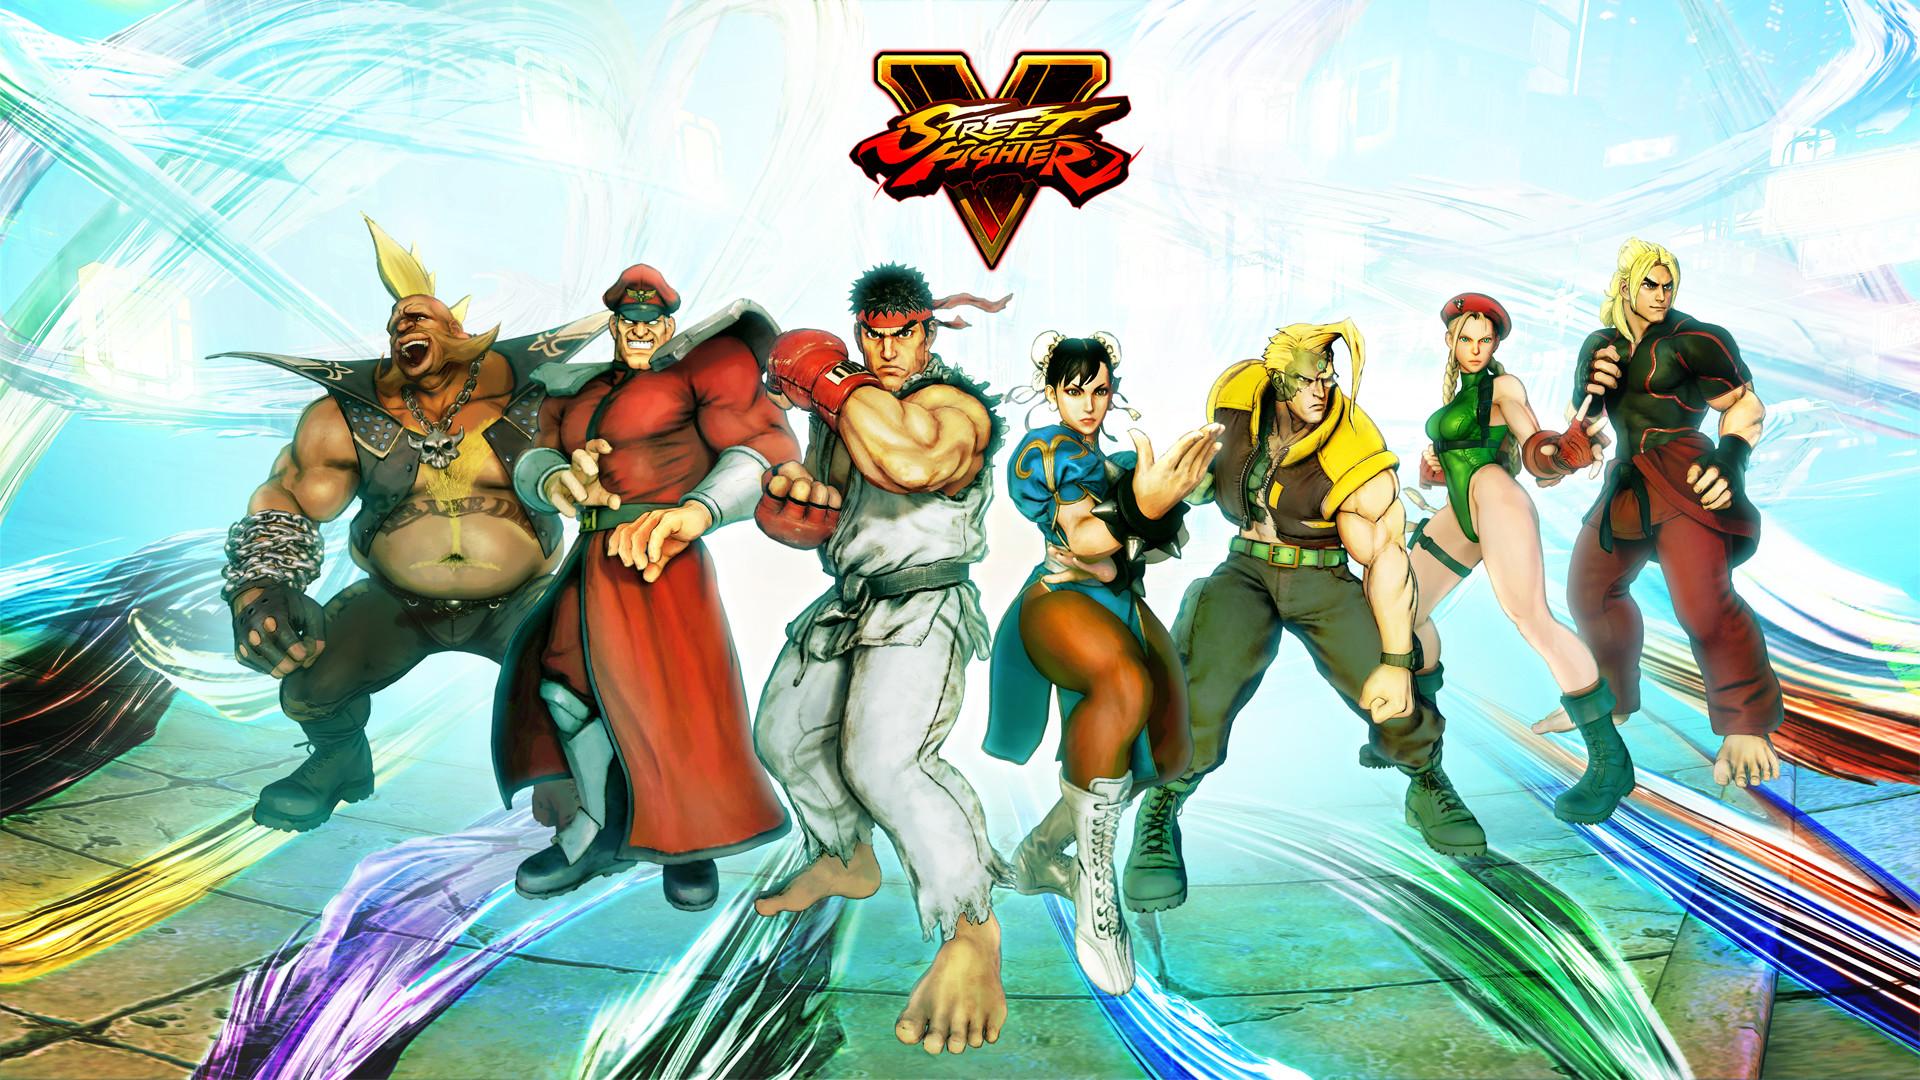 Street Fighter V Wallpaper 2016